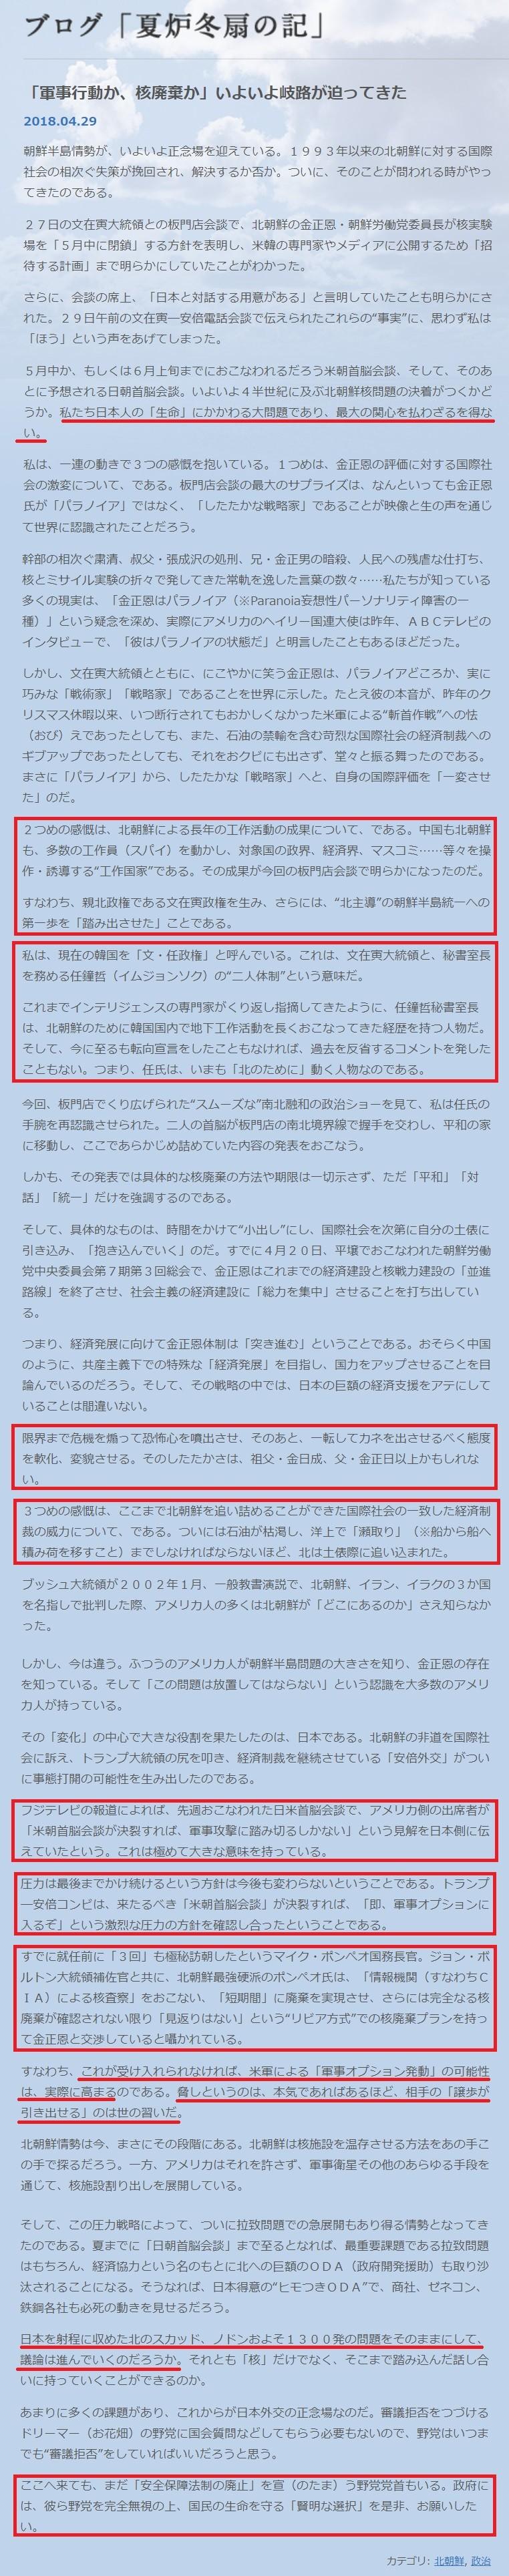 門田隆将のブログ1